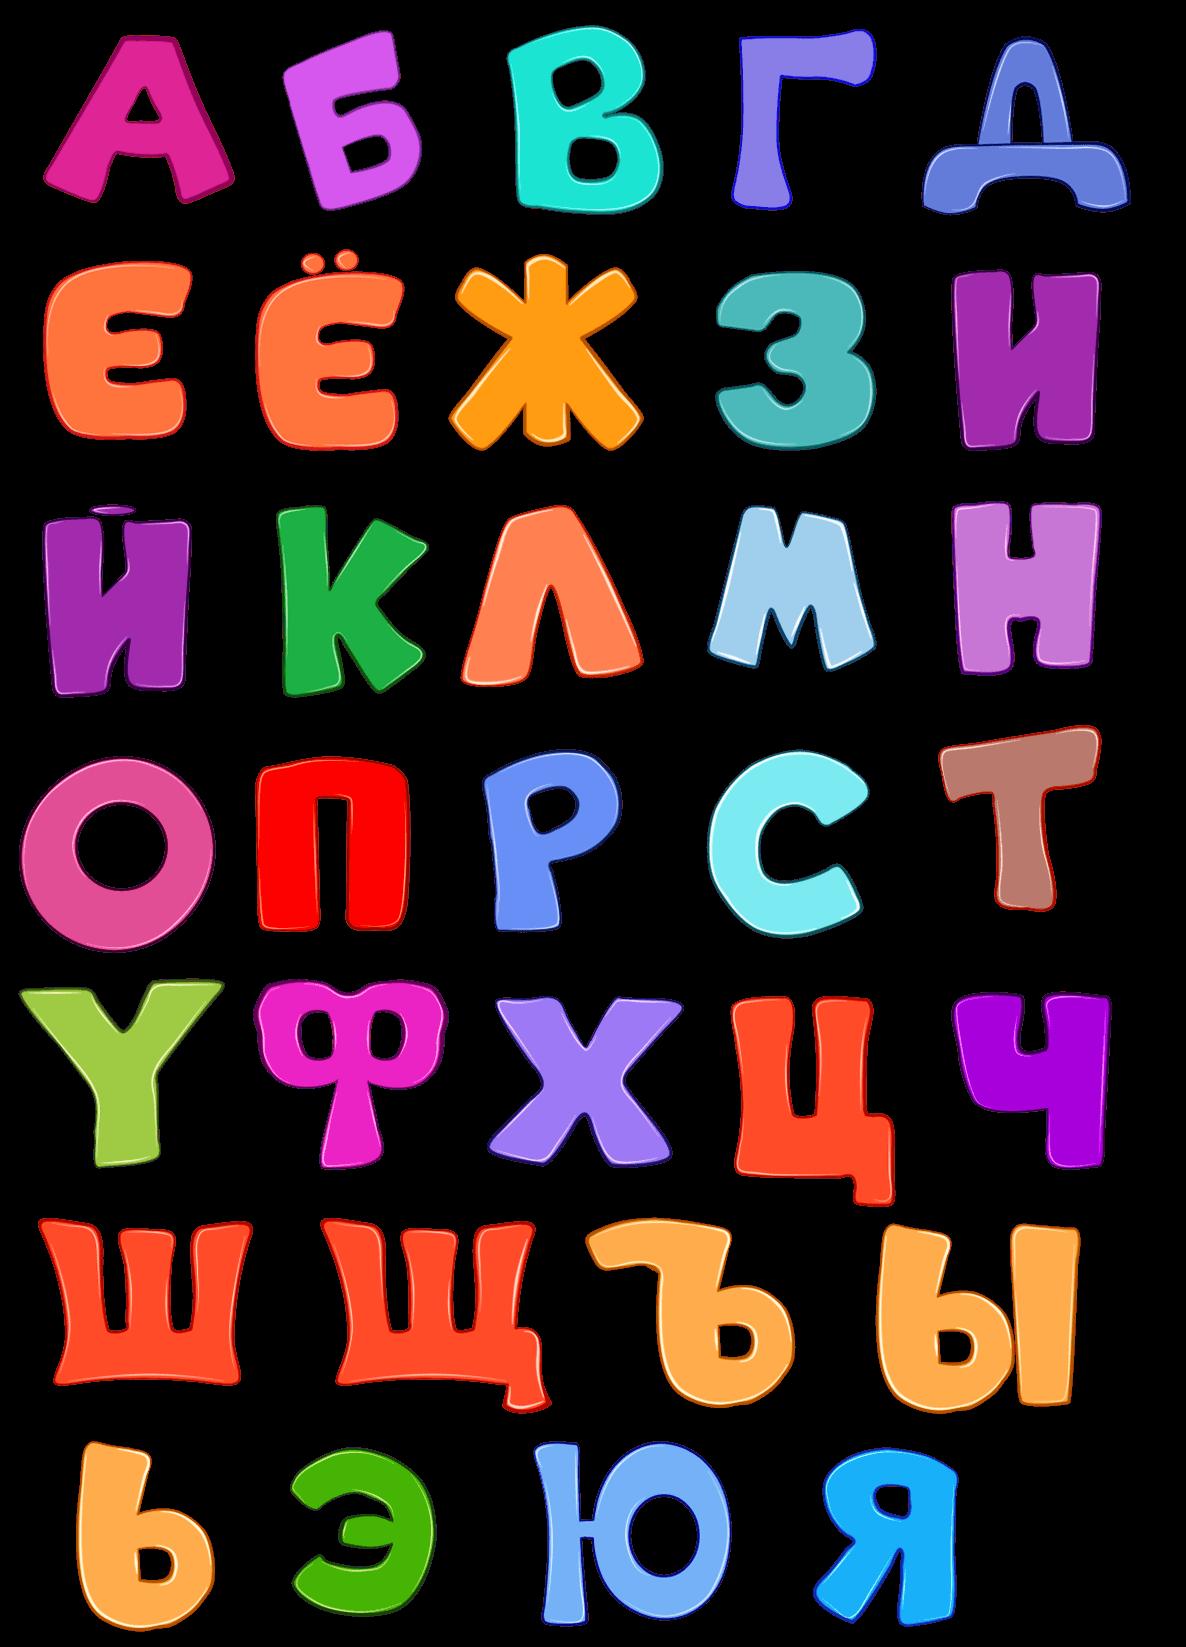 шаблон русский алфавит